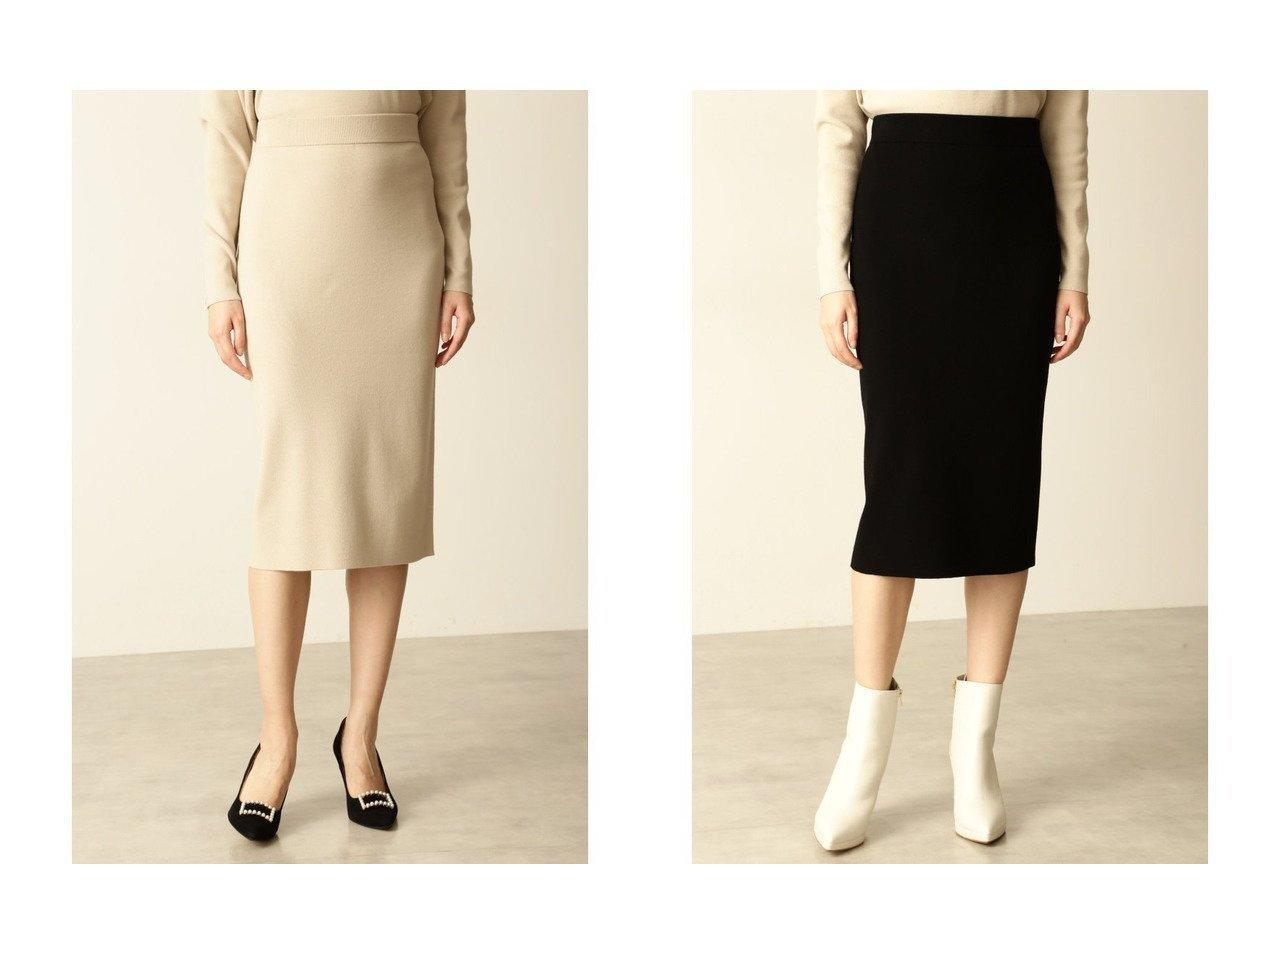 【Pinky&Dianne/ピンキーアンドダイアン】の総針ニットスカート おすすめ!人気、トレンド・レディースファッションの通販 おすすめで人気の流行・トレンド、ファッションの通販商品 インテリア・家具・メンズファッション・キッズファッション・レディースファッション・服の通販 founy(ファニー) https://founy.com/ ファッション Fashion レディースファッション WOMEN スカート Skirt ストレッチ セットアップ ドレープ |ID:crp329100000070064